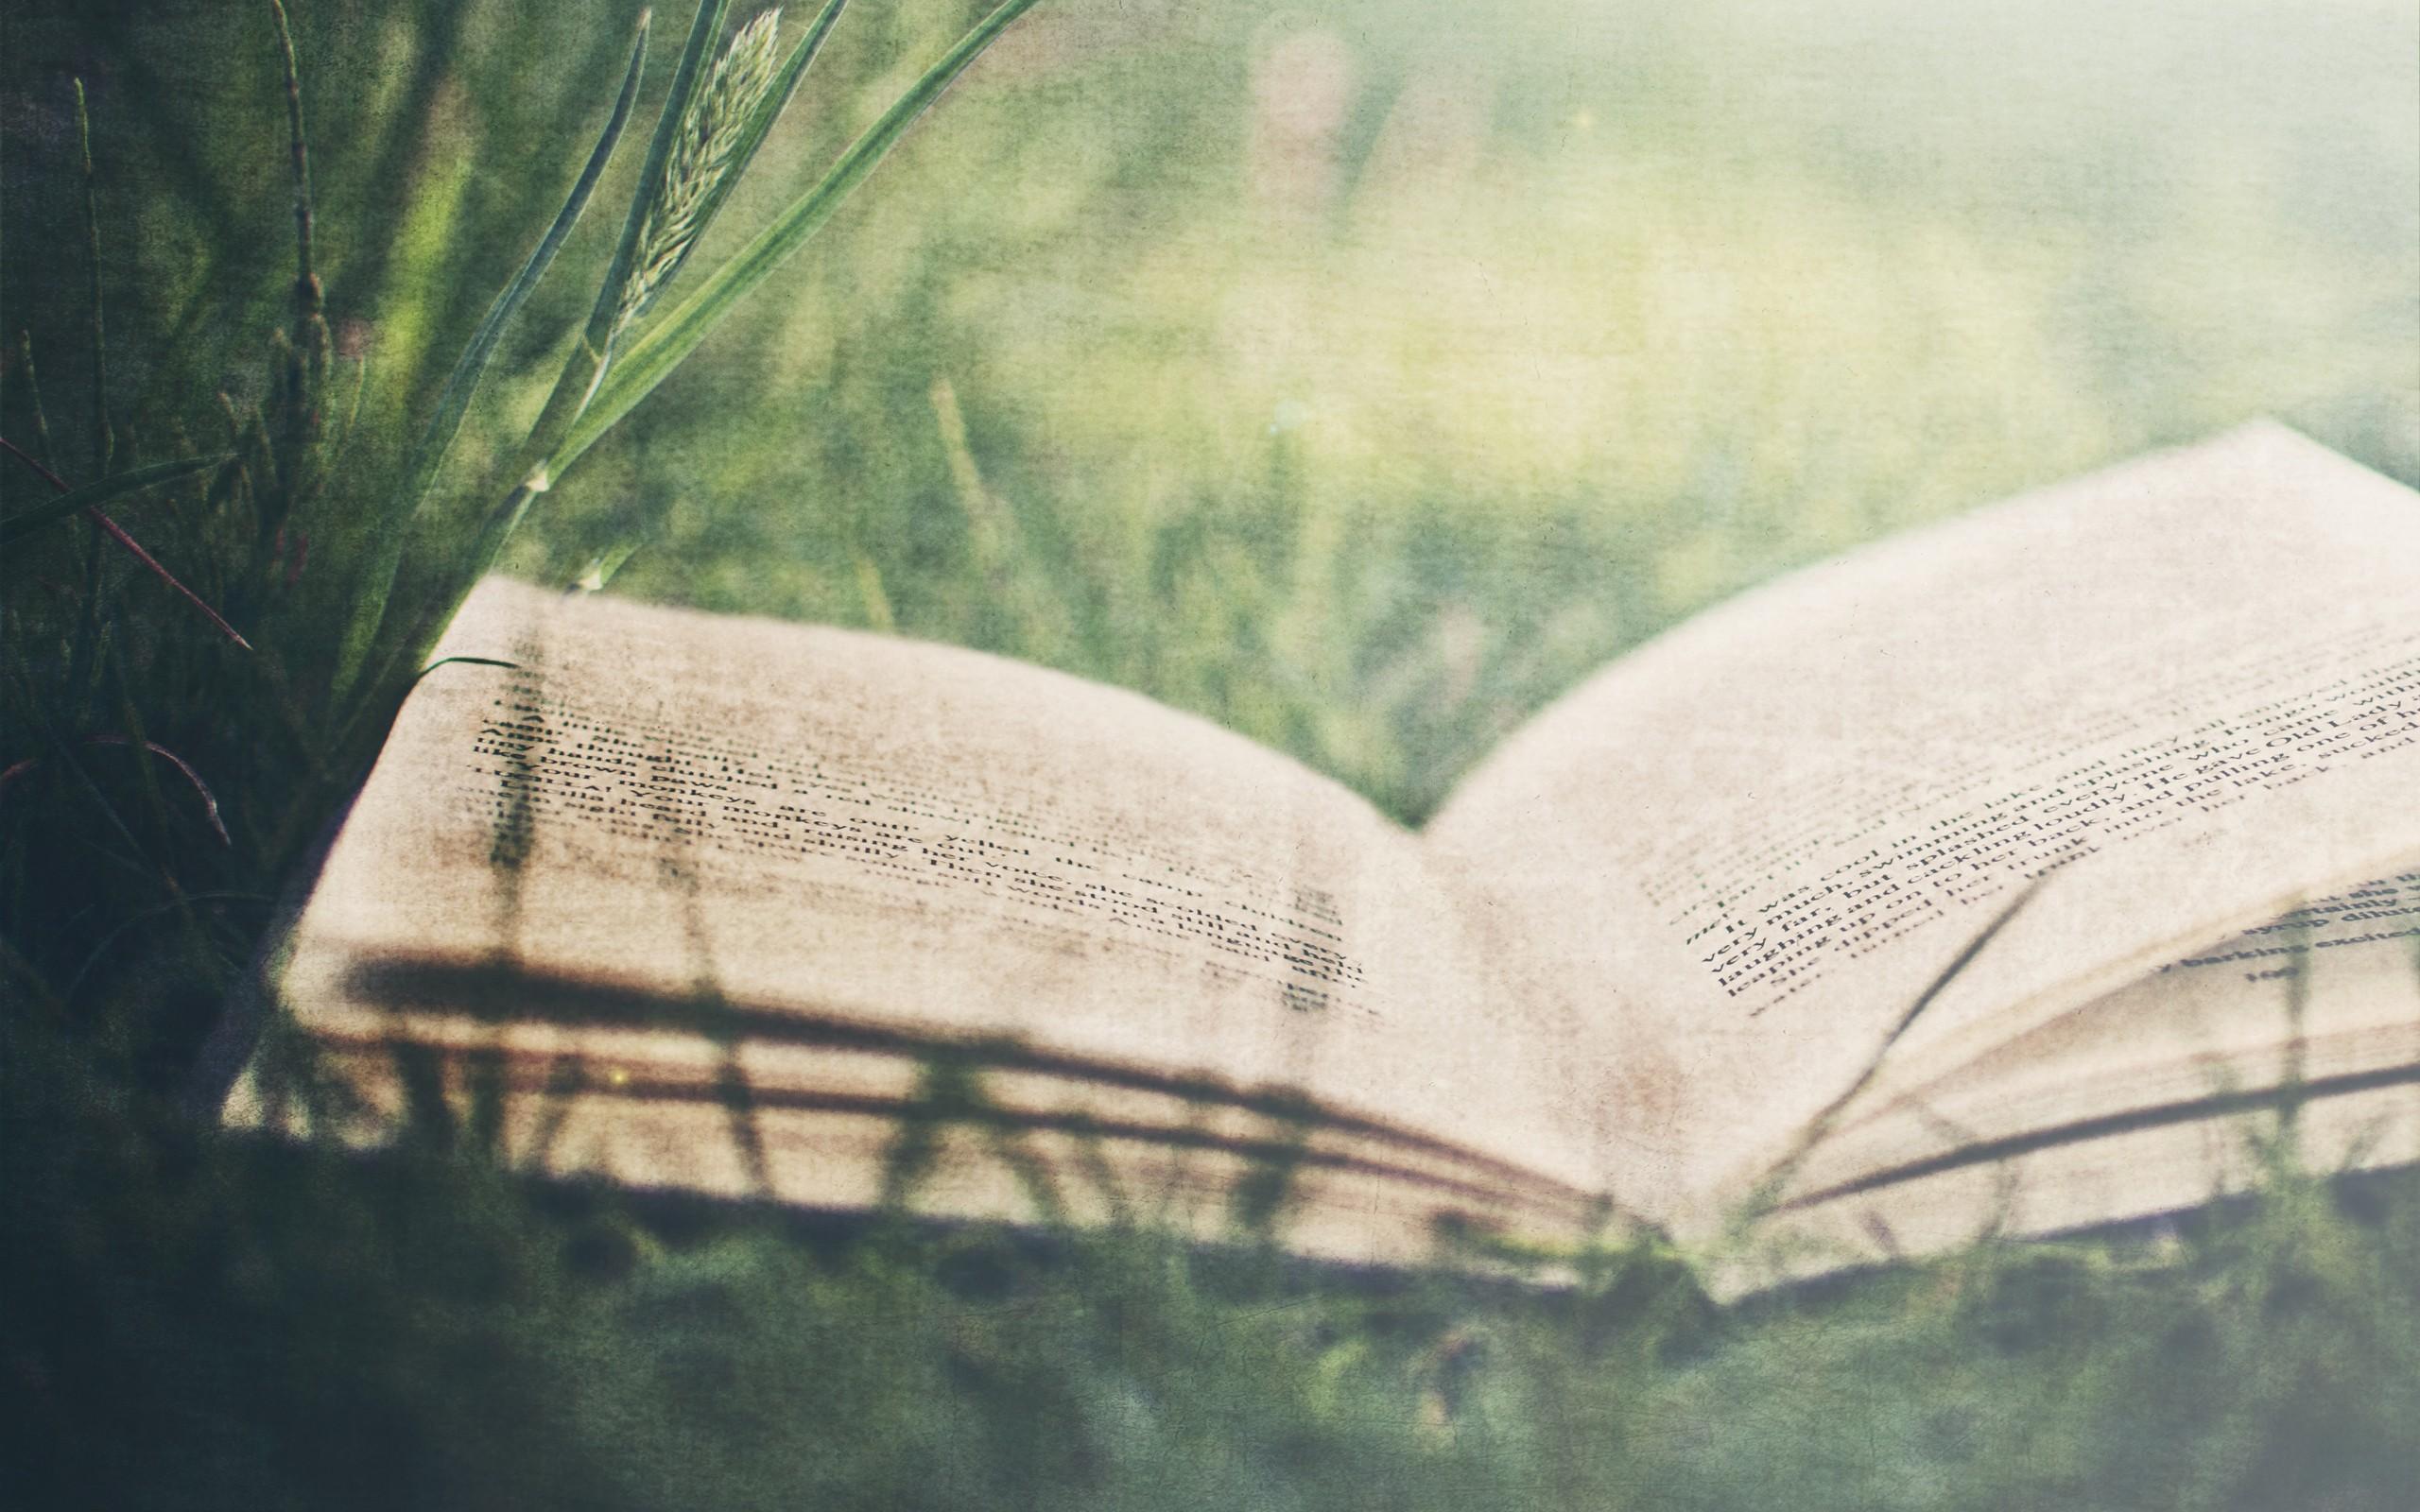 Grass books wallpaper 2560x1600 10863 WallpaperUP 2560x1600